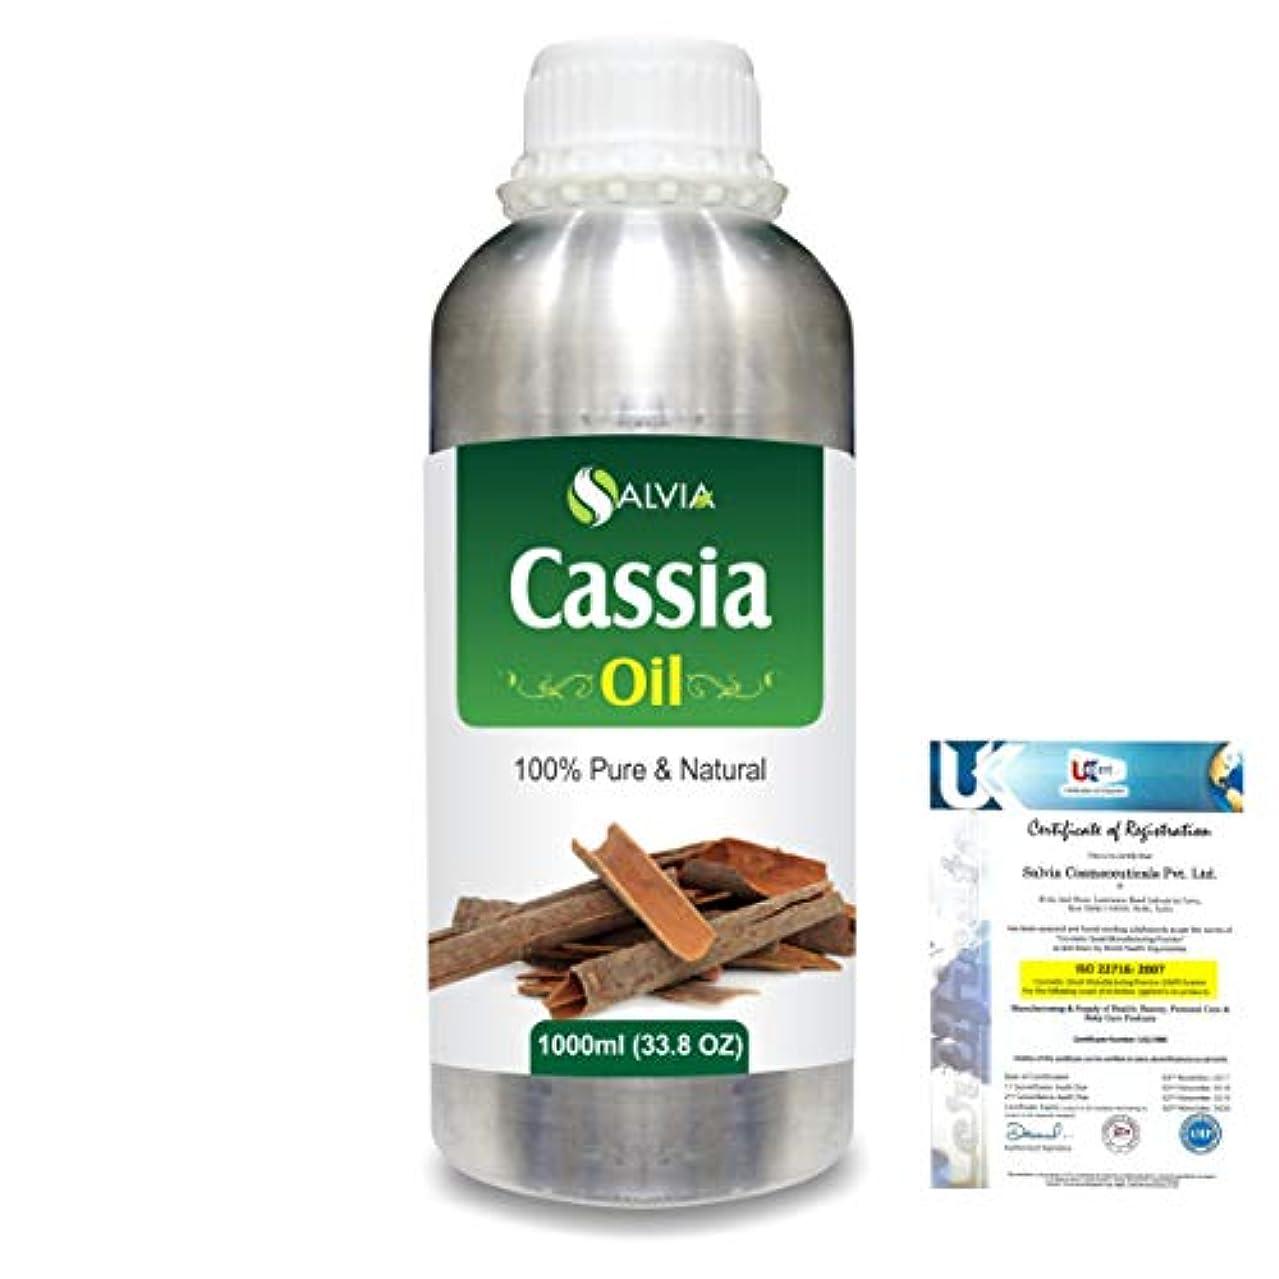 リズミカルな絶対にパニックCassia (Cassia fistula) 100% Natural Pure Essential Oil 1000ml/33.8fl.oz.